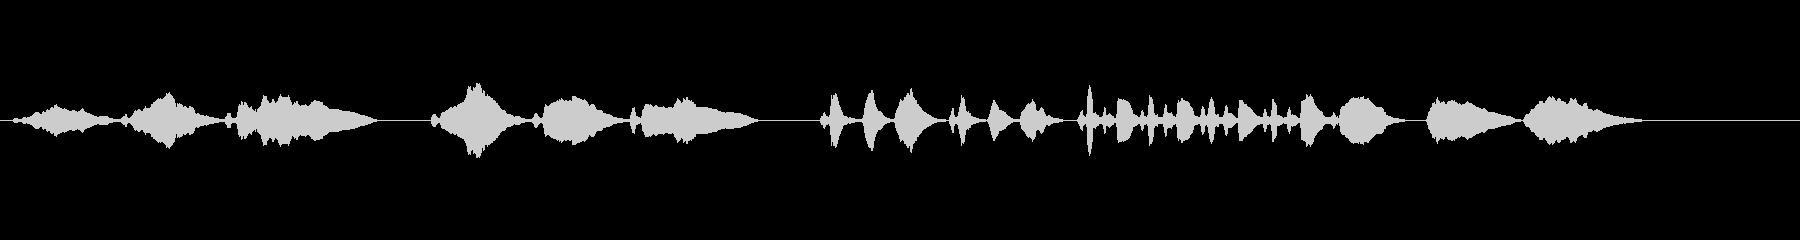 バグ、スウェーデン語レベル、アラー...の未再生の波形